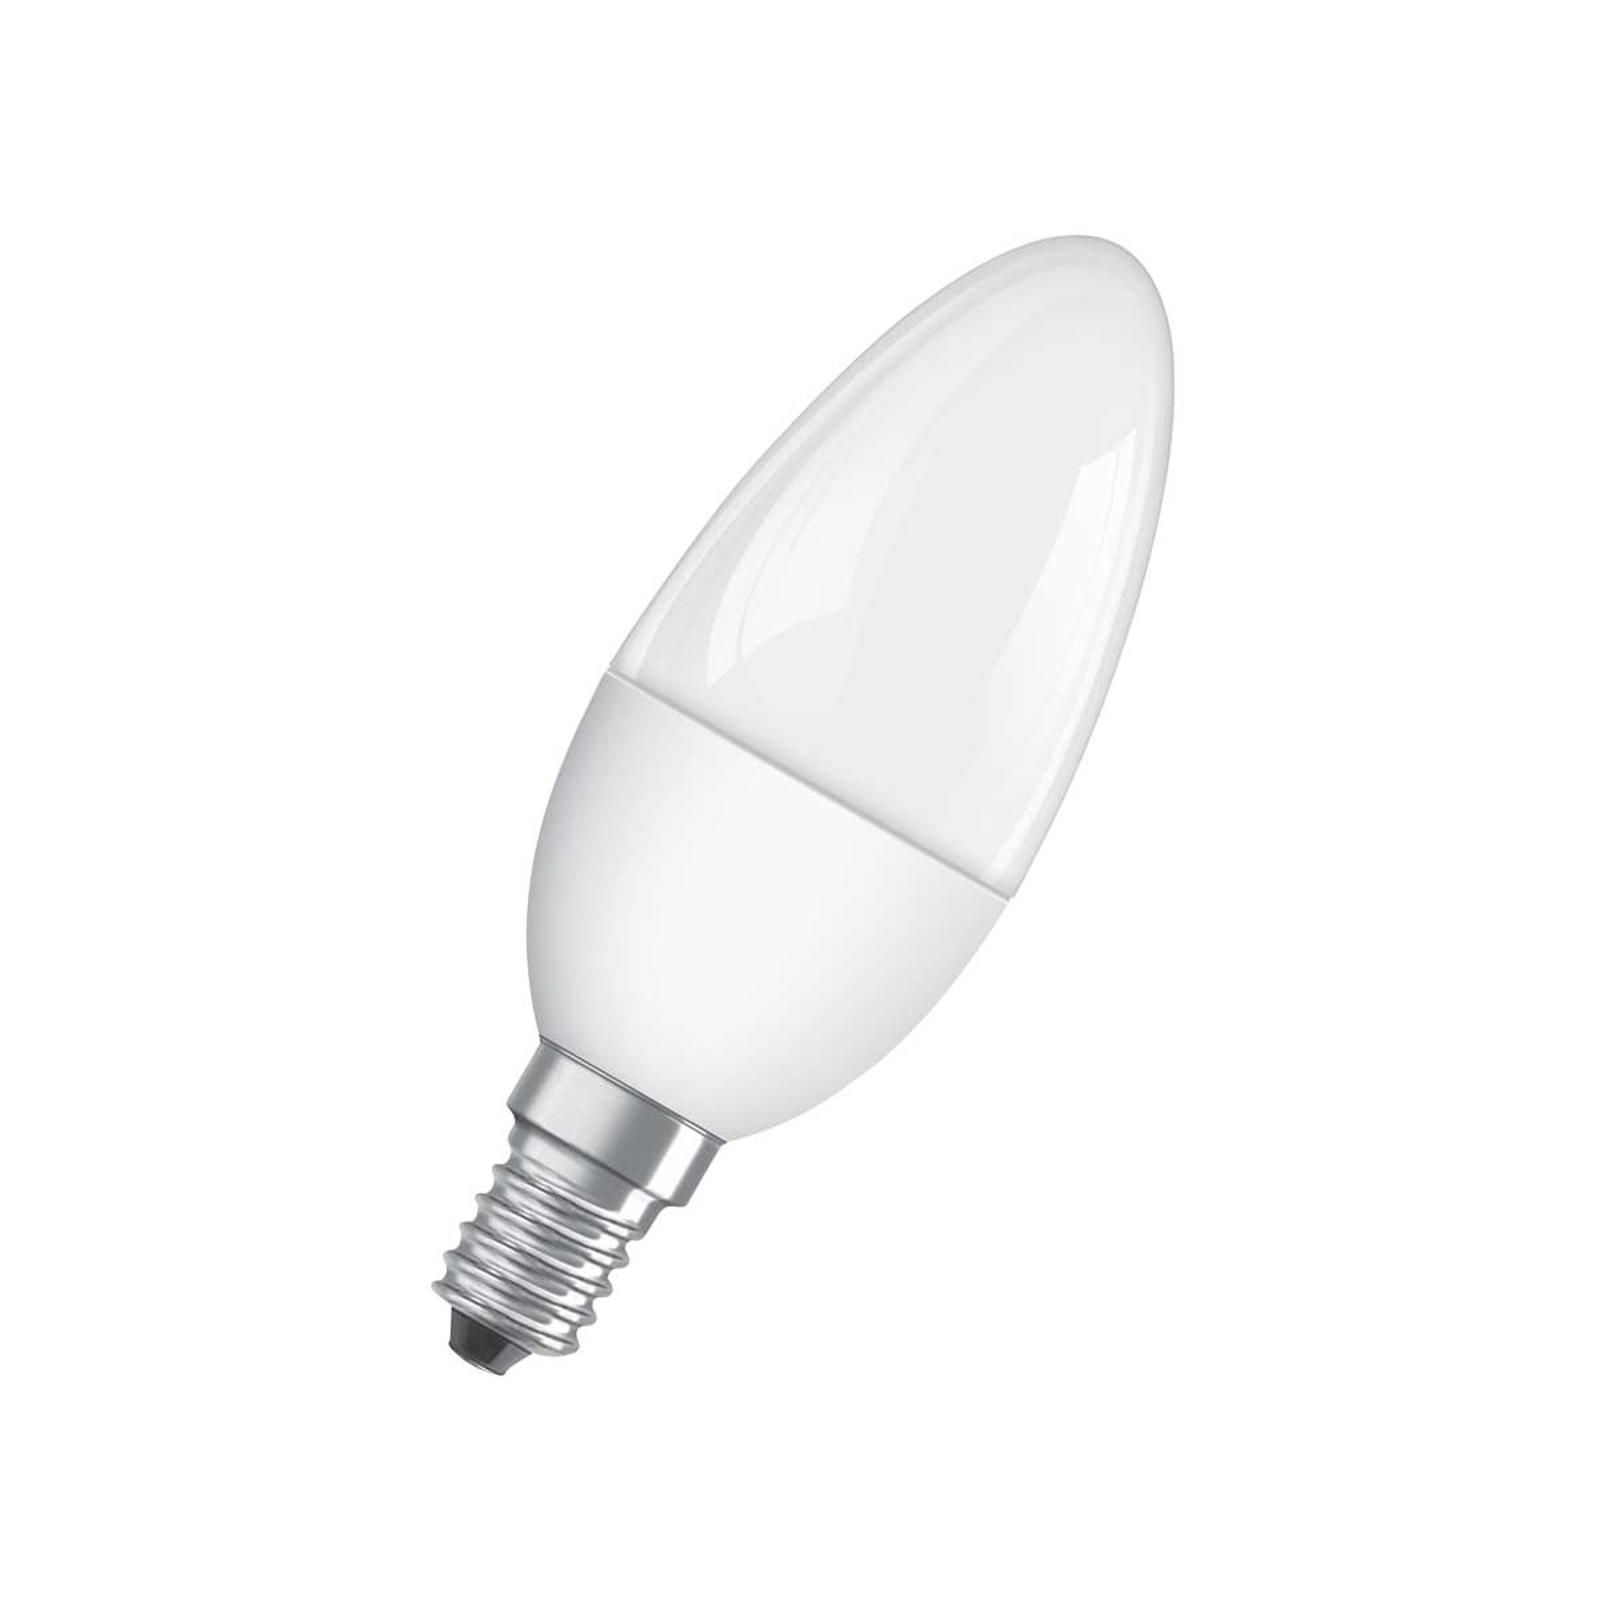 OSRAM LED-Kerzenlampe E14 5W 827 Superstar, matt